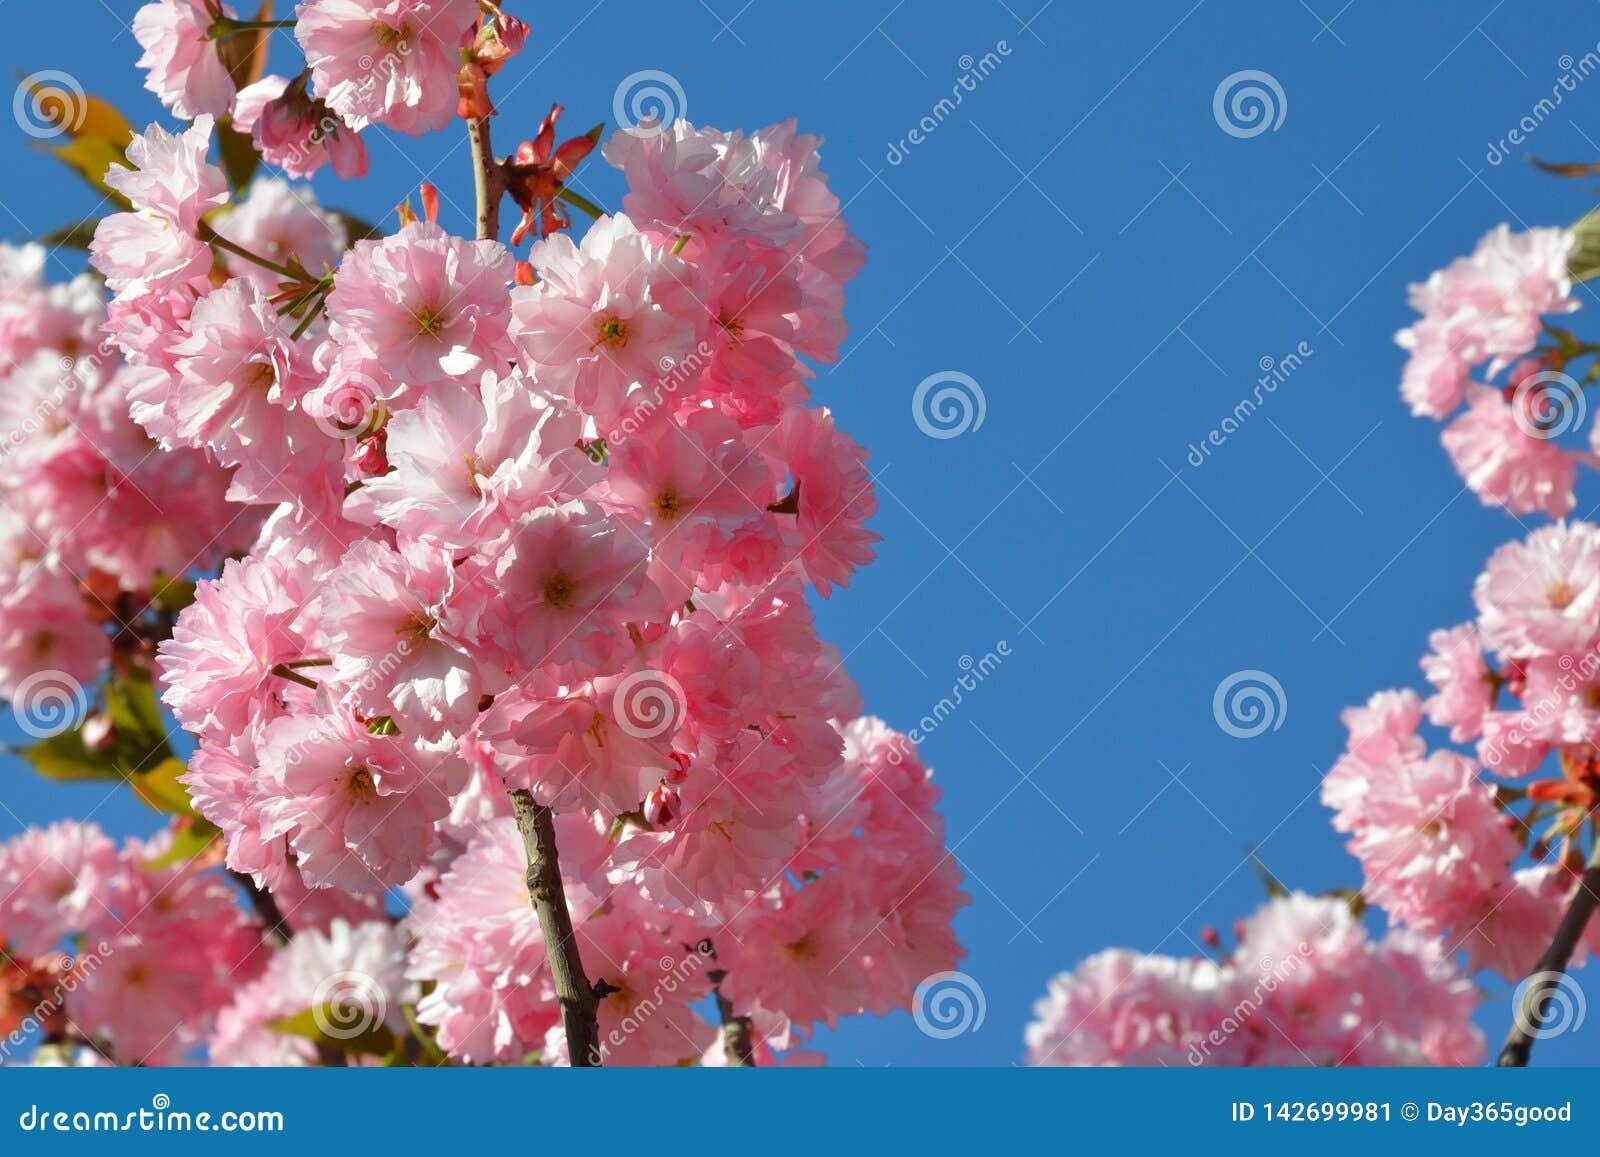 Κλάδος των ρόδινων ανθών κερασιών ενάντια στο μπλε ουρανό ανθίζοντας κήπος Άνοιξη Sakura στην άνθιση